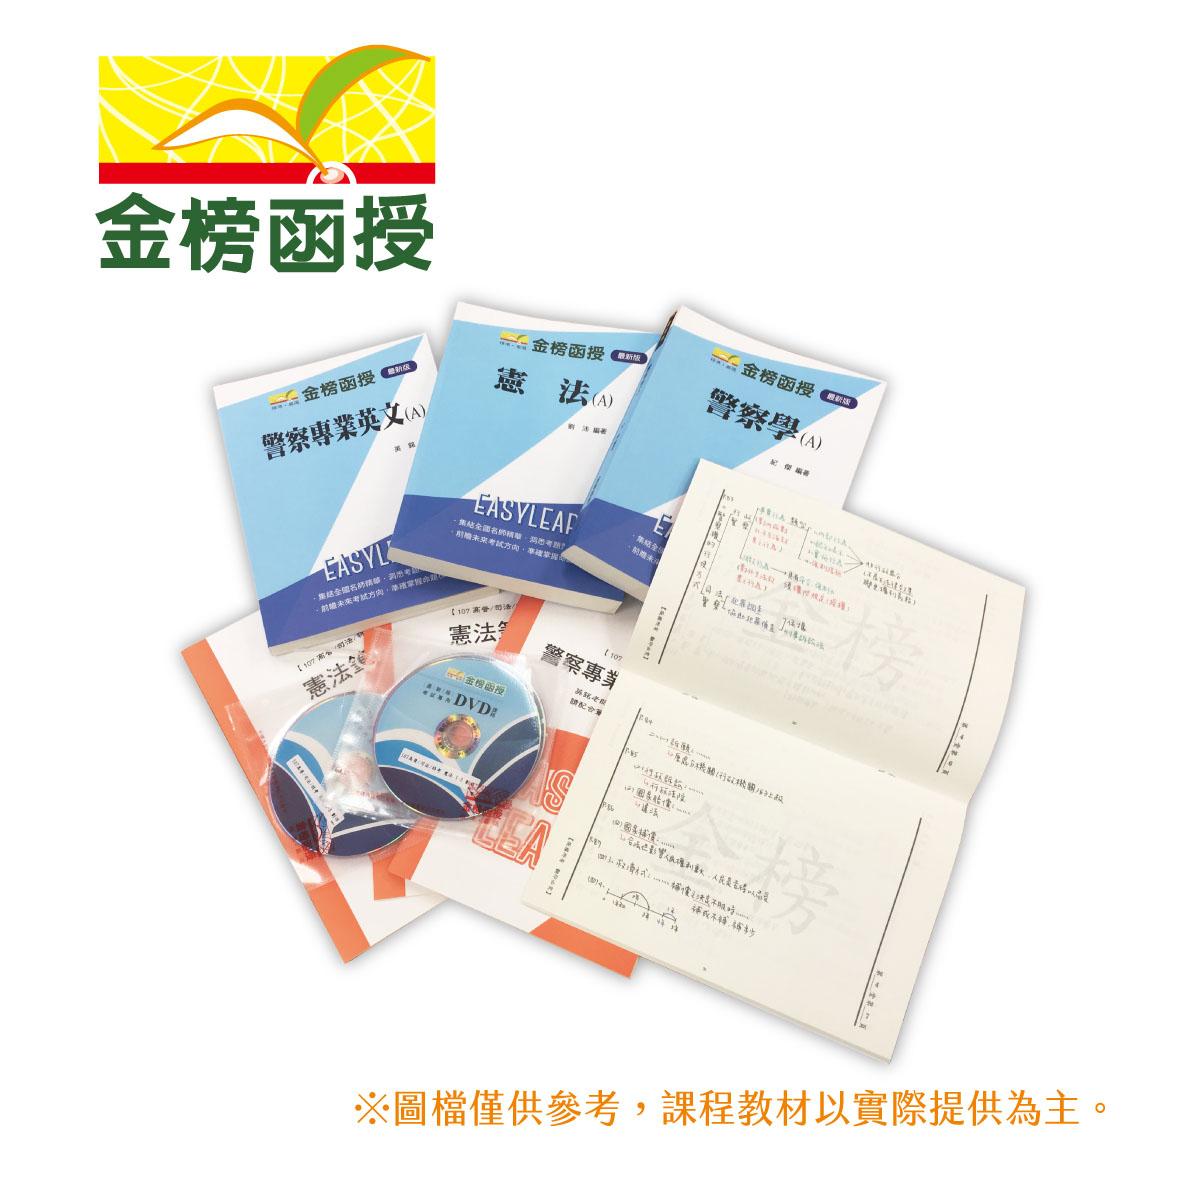 107金榜函授/地方特考/四等/全套/文化行政/云端